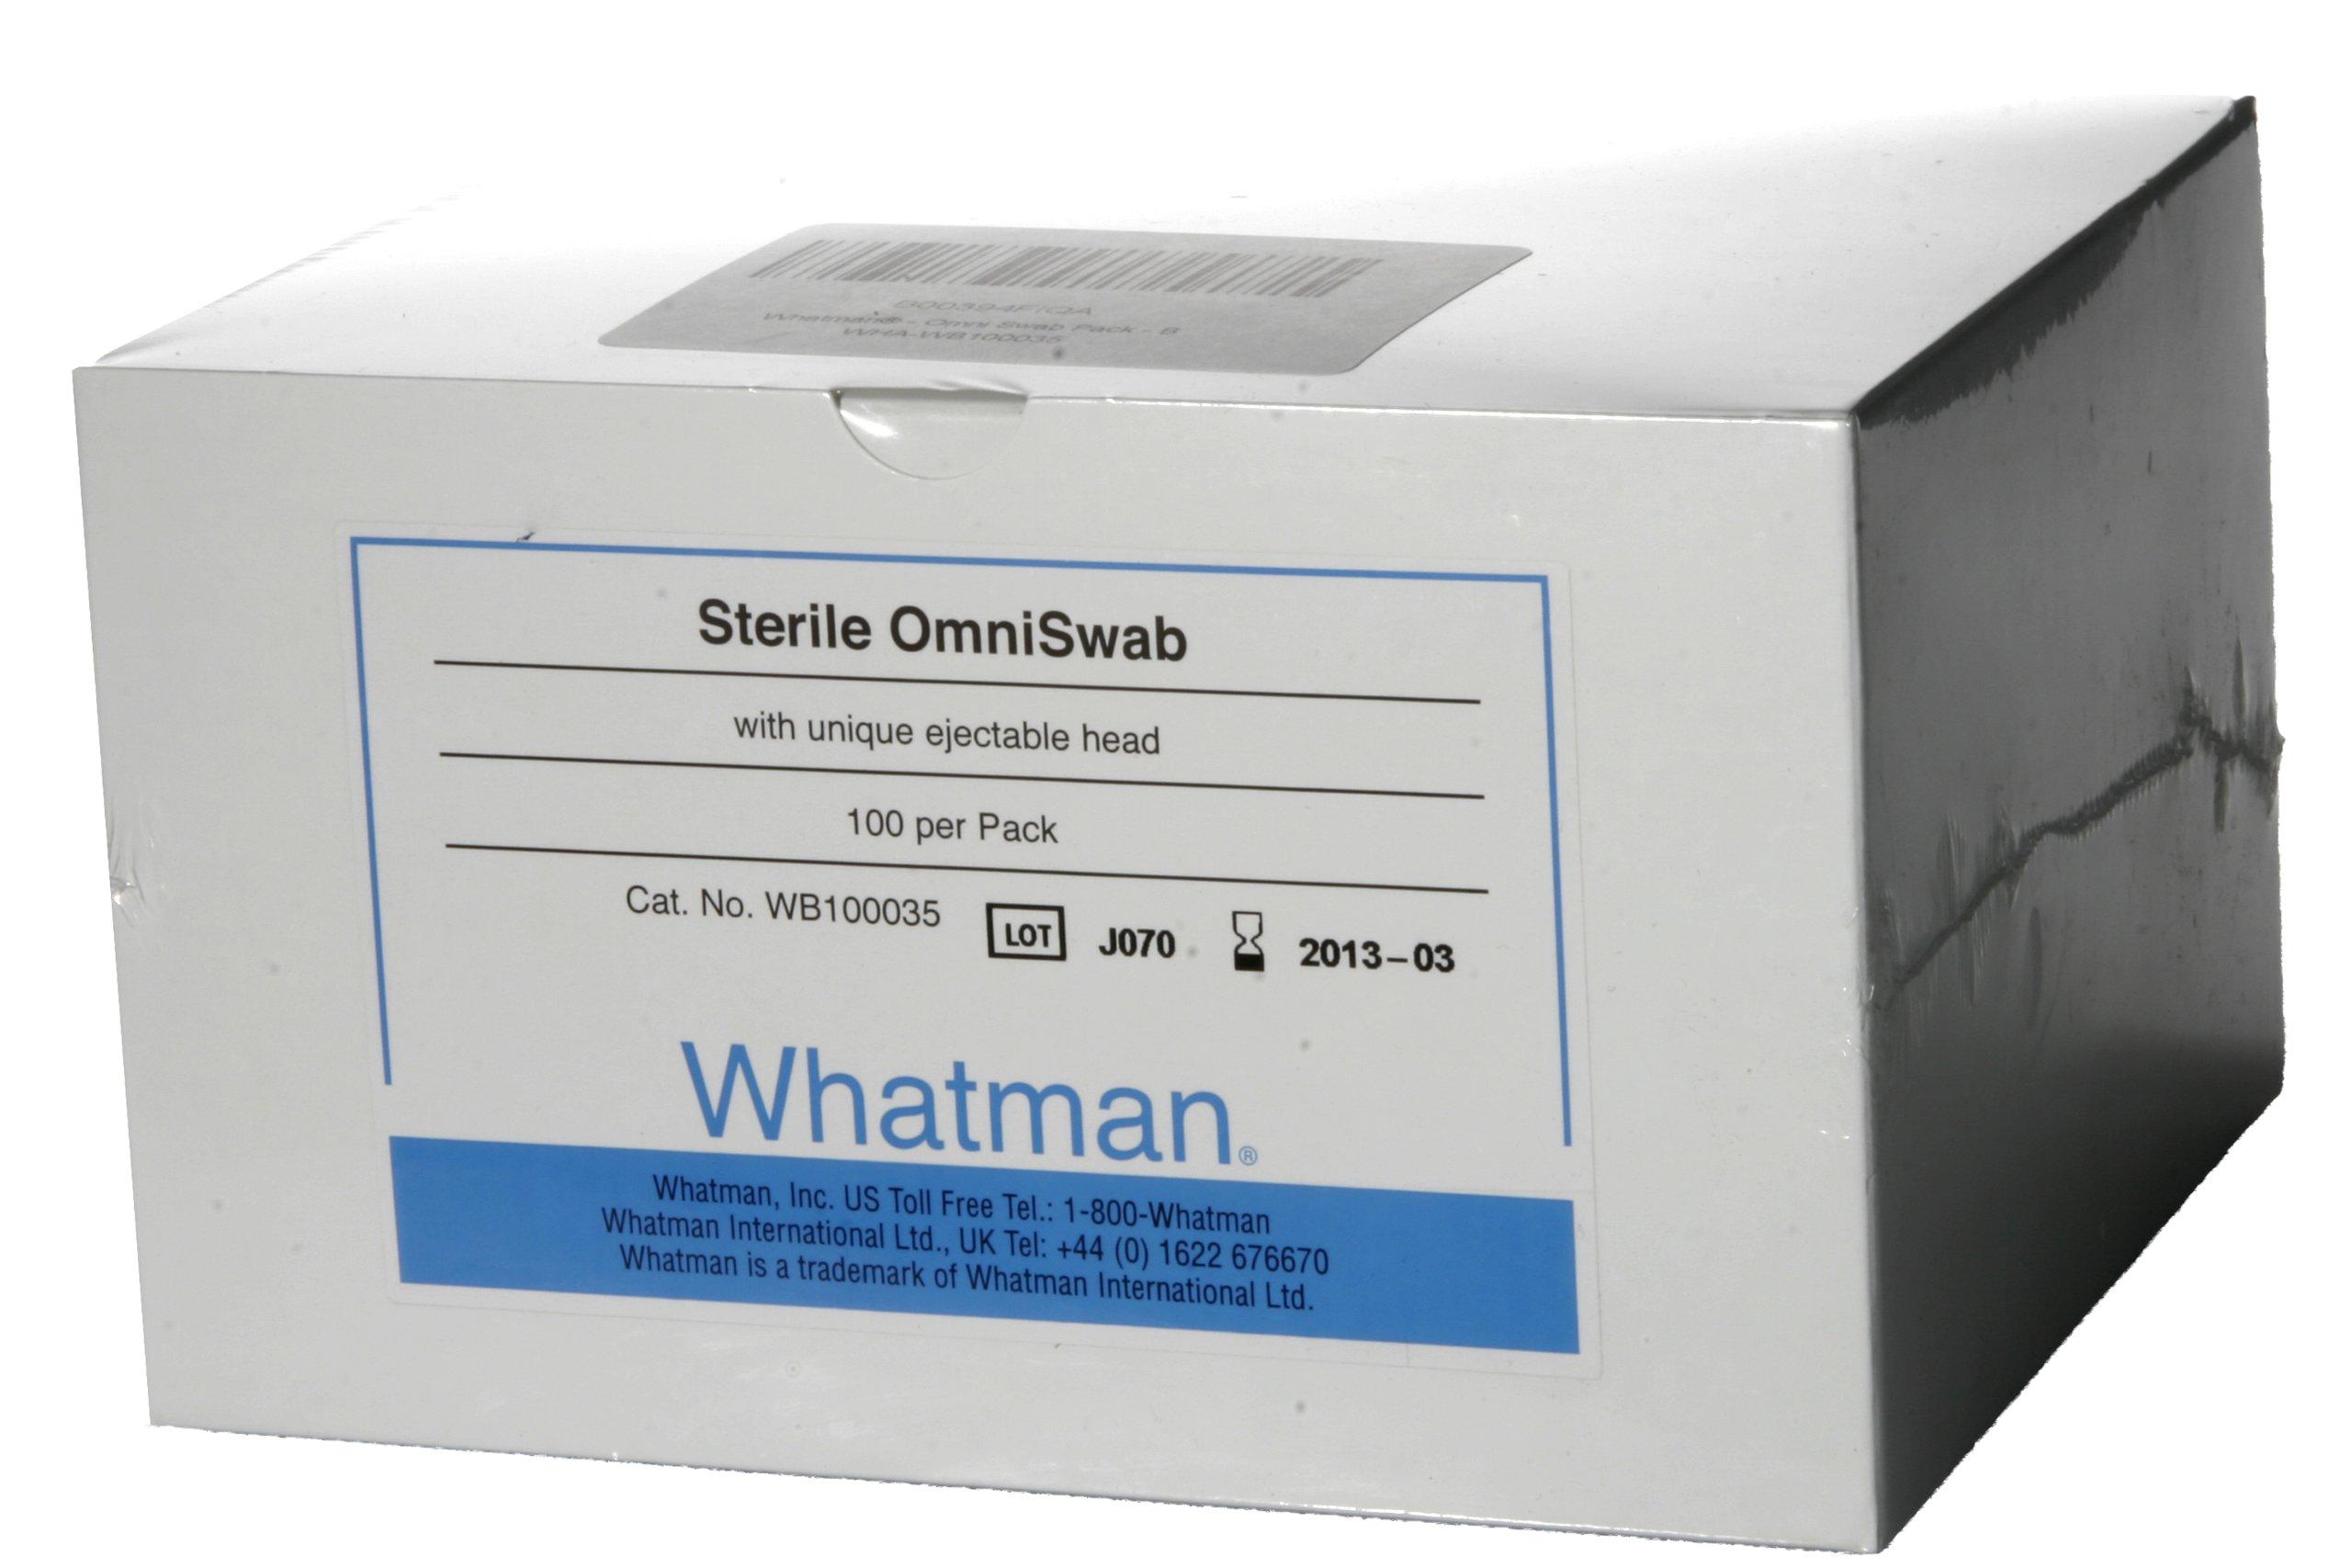 Whatman WB100035 Omni Swab Pack Buccal Swab Sterile (Pack of 100) by Whatman